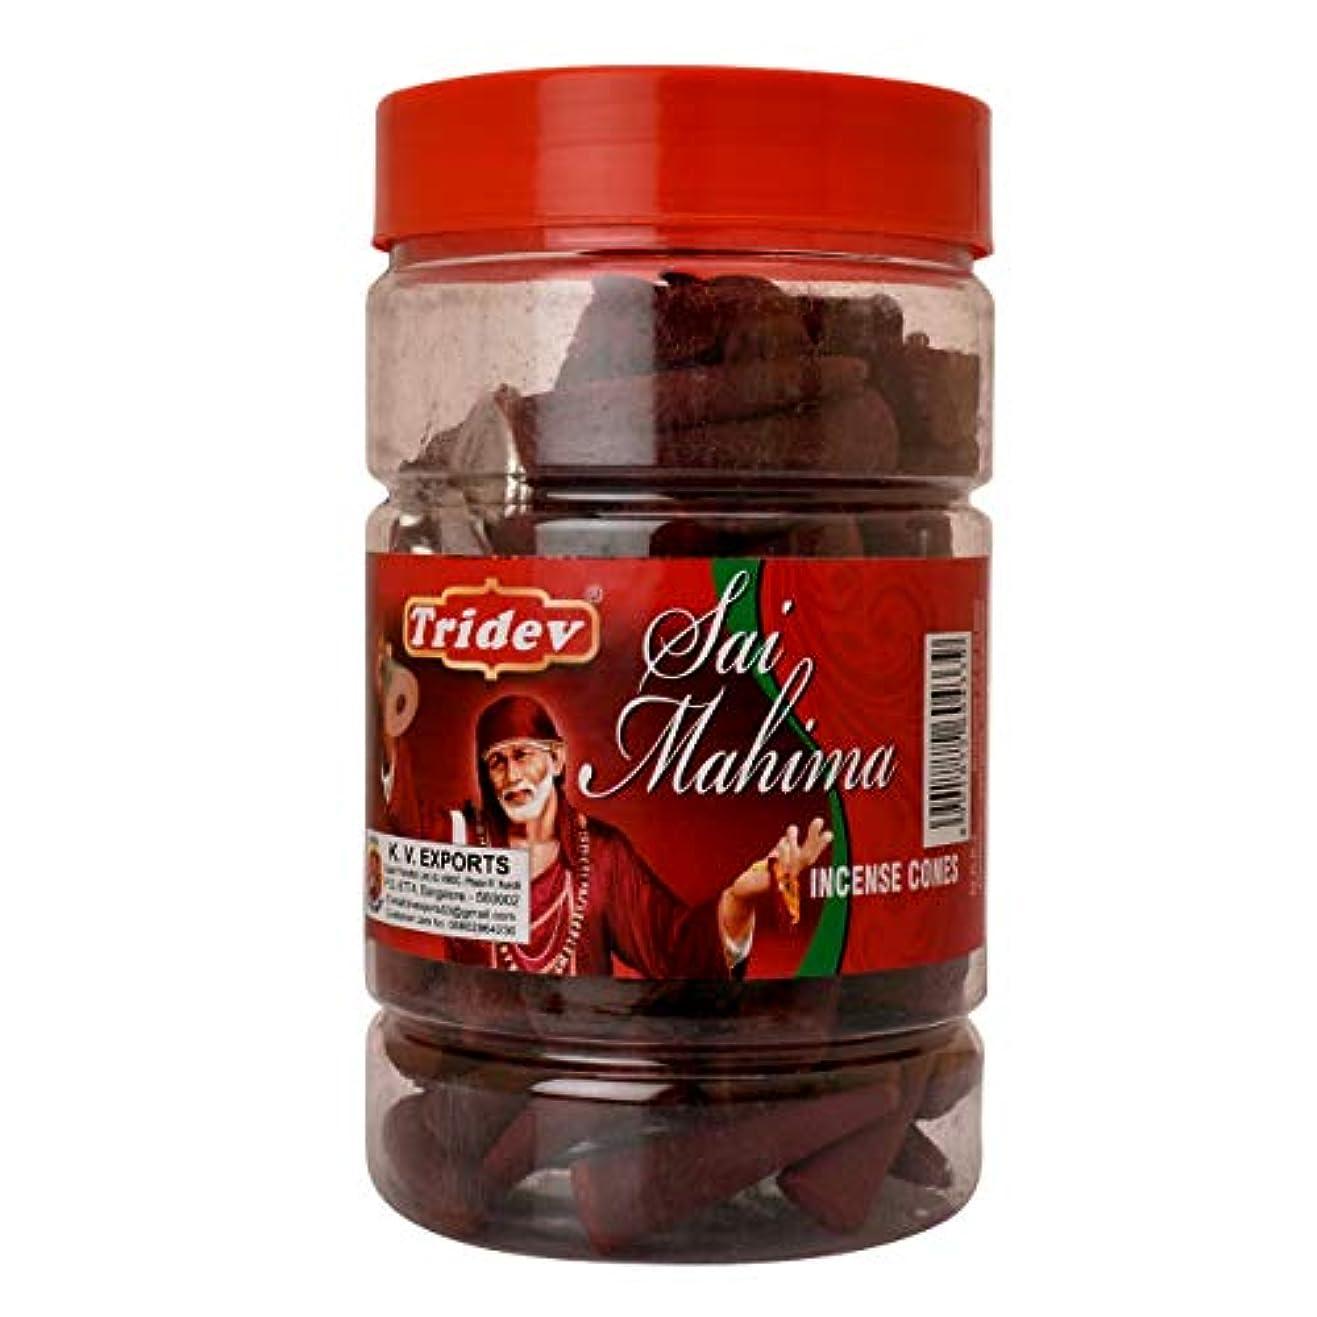 いたずらな慣性聖域Tridev Sai Mahima フレグランス コーン型お香瓶 1350グラム ボックス入り | 6瓶 225グラム 箱入り | 輸出品質